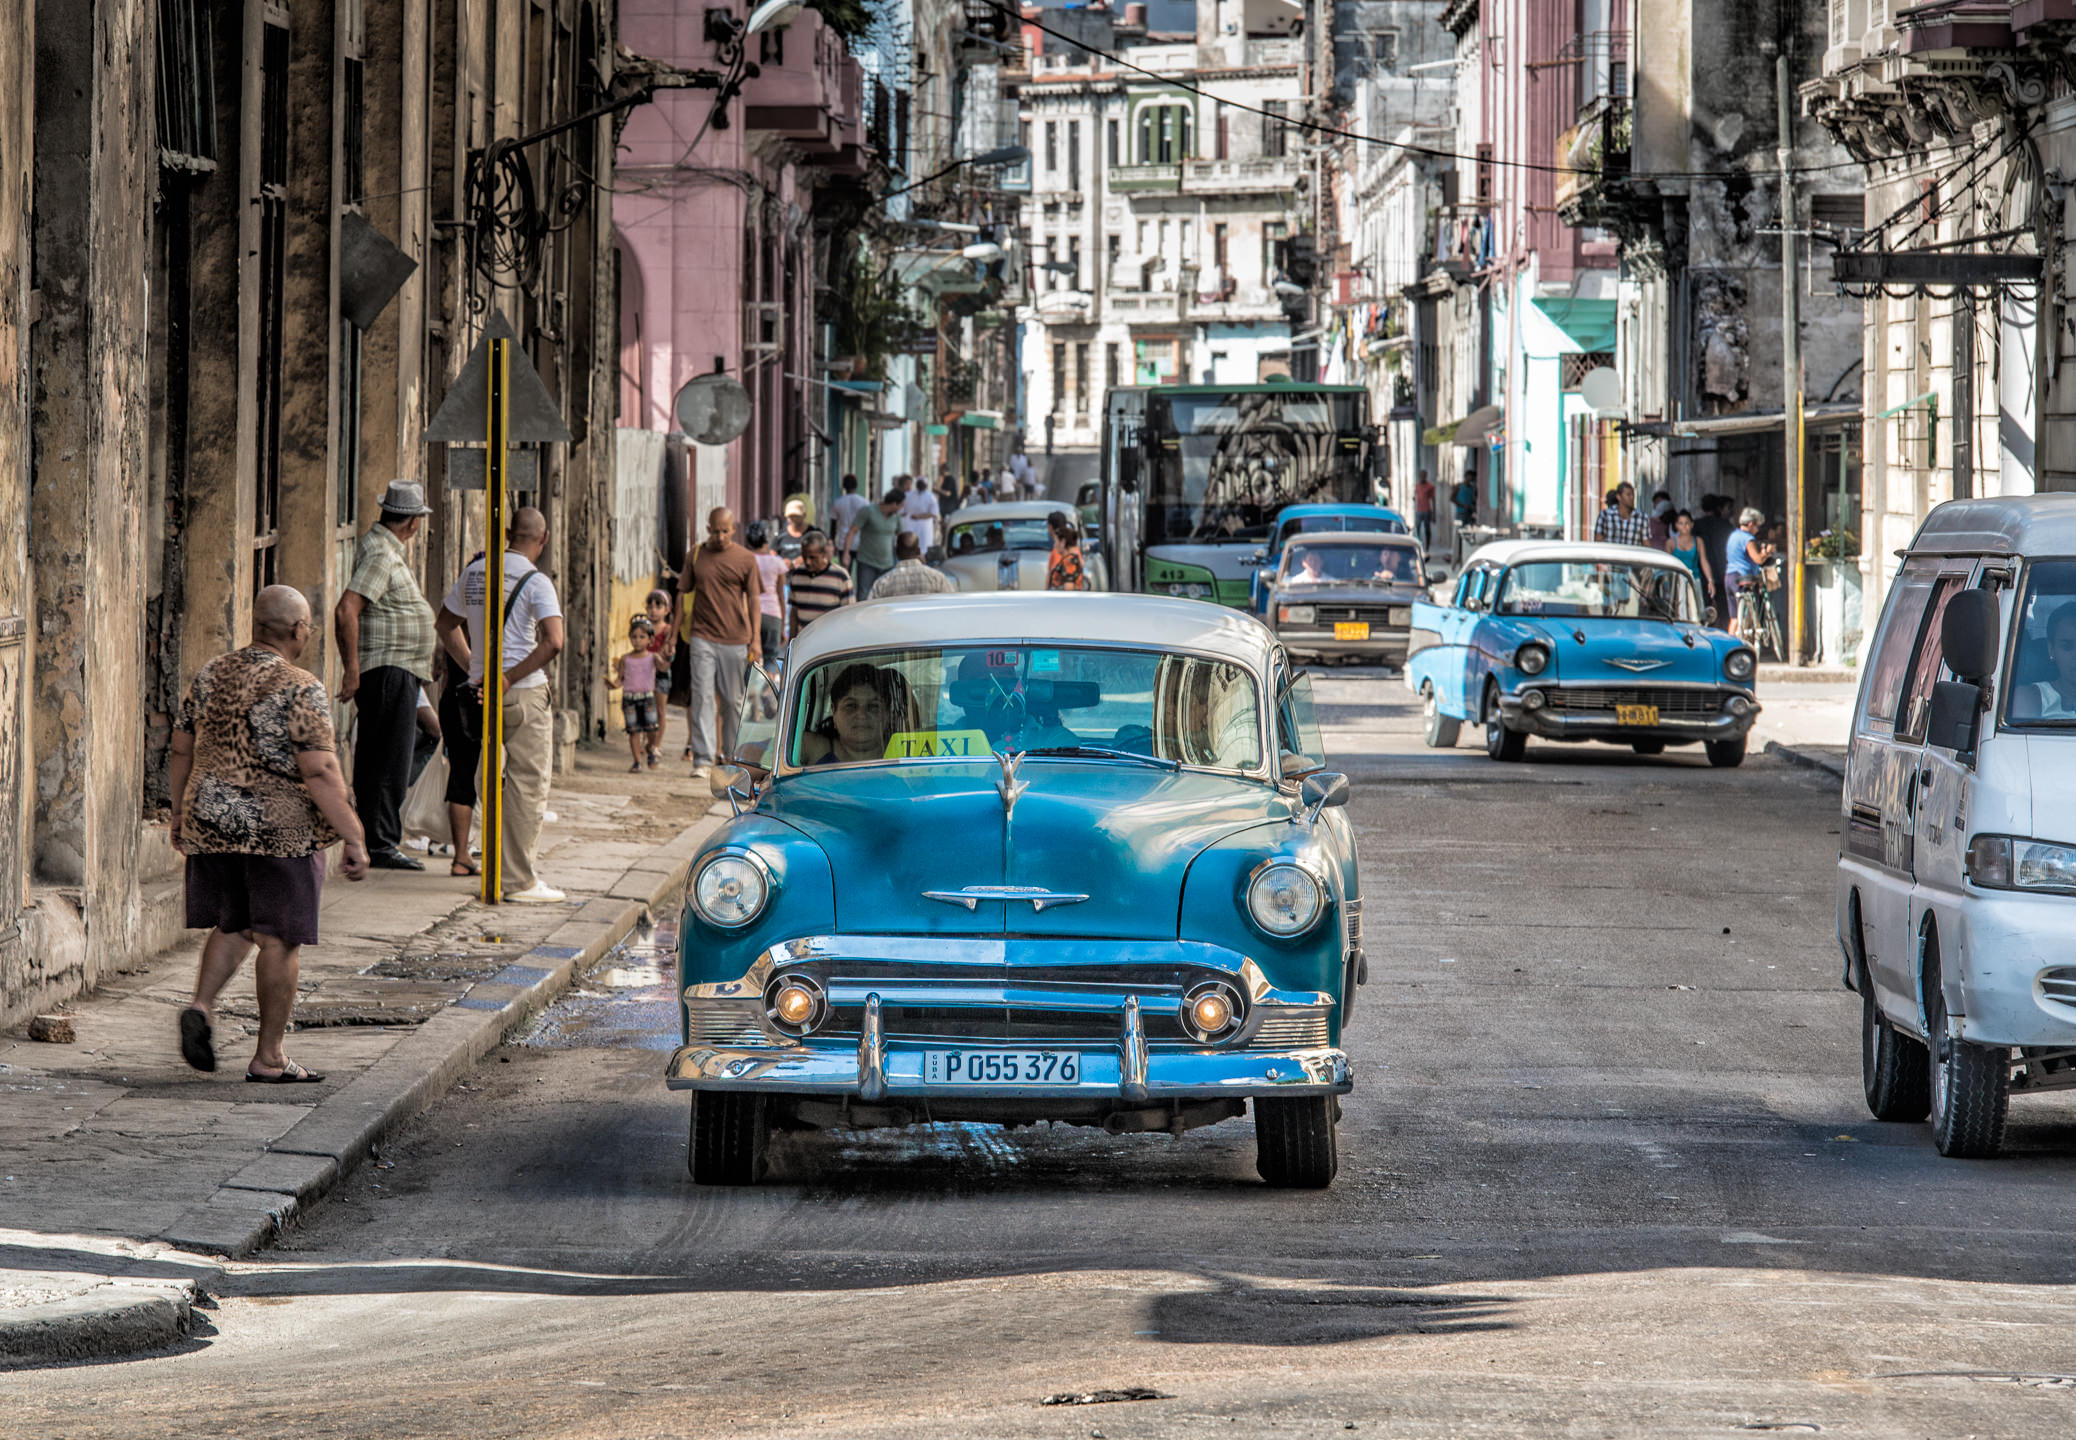 [2013-12-23] NIKON D800 Cuba (9754)-Edit.jpg